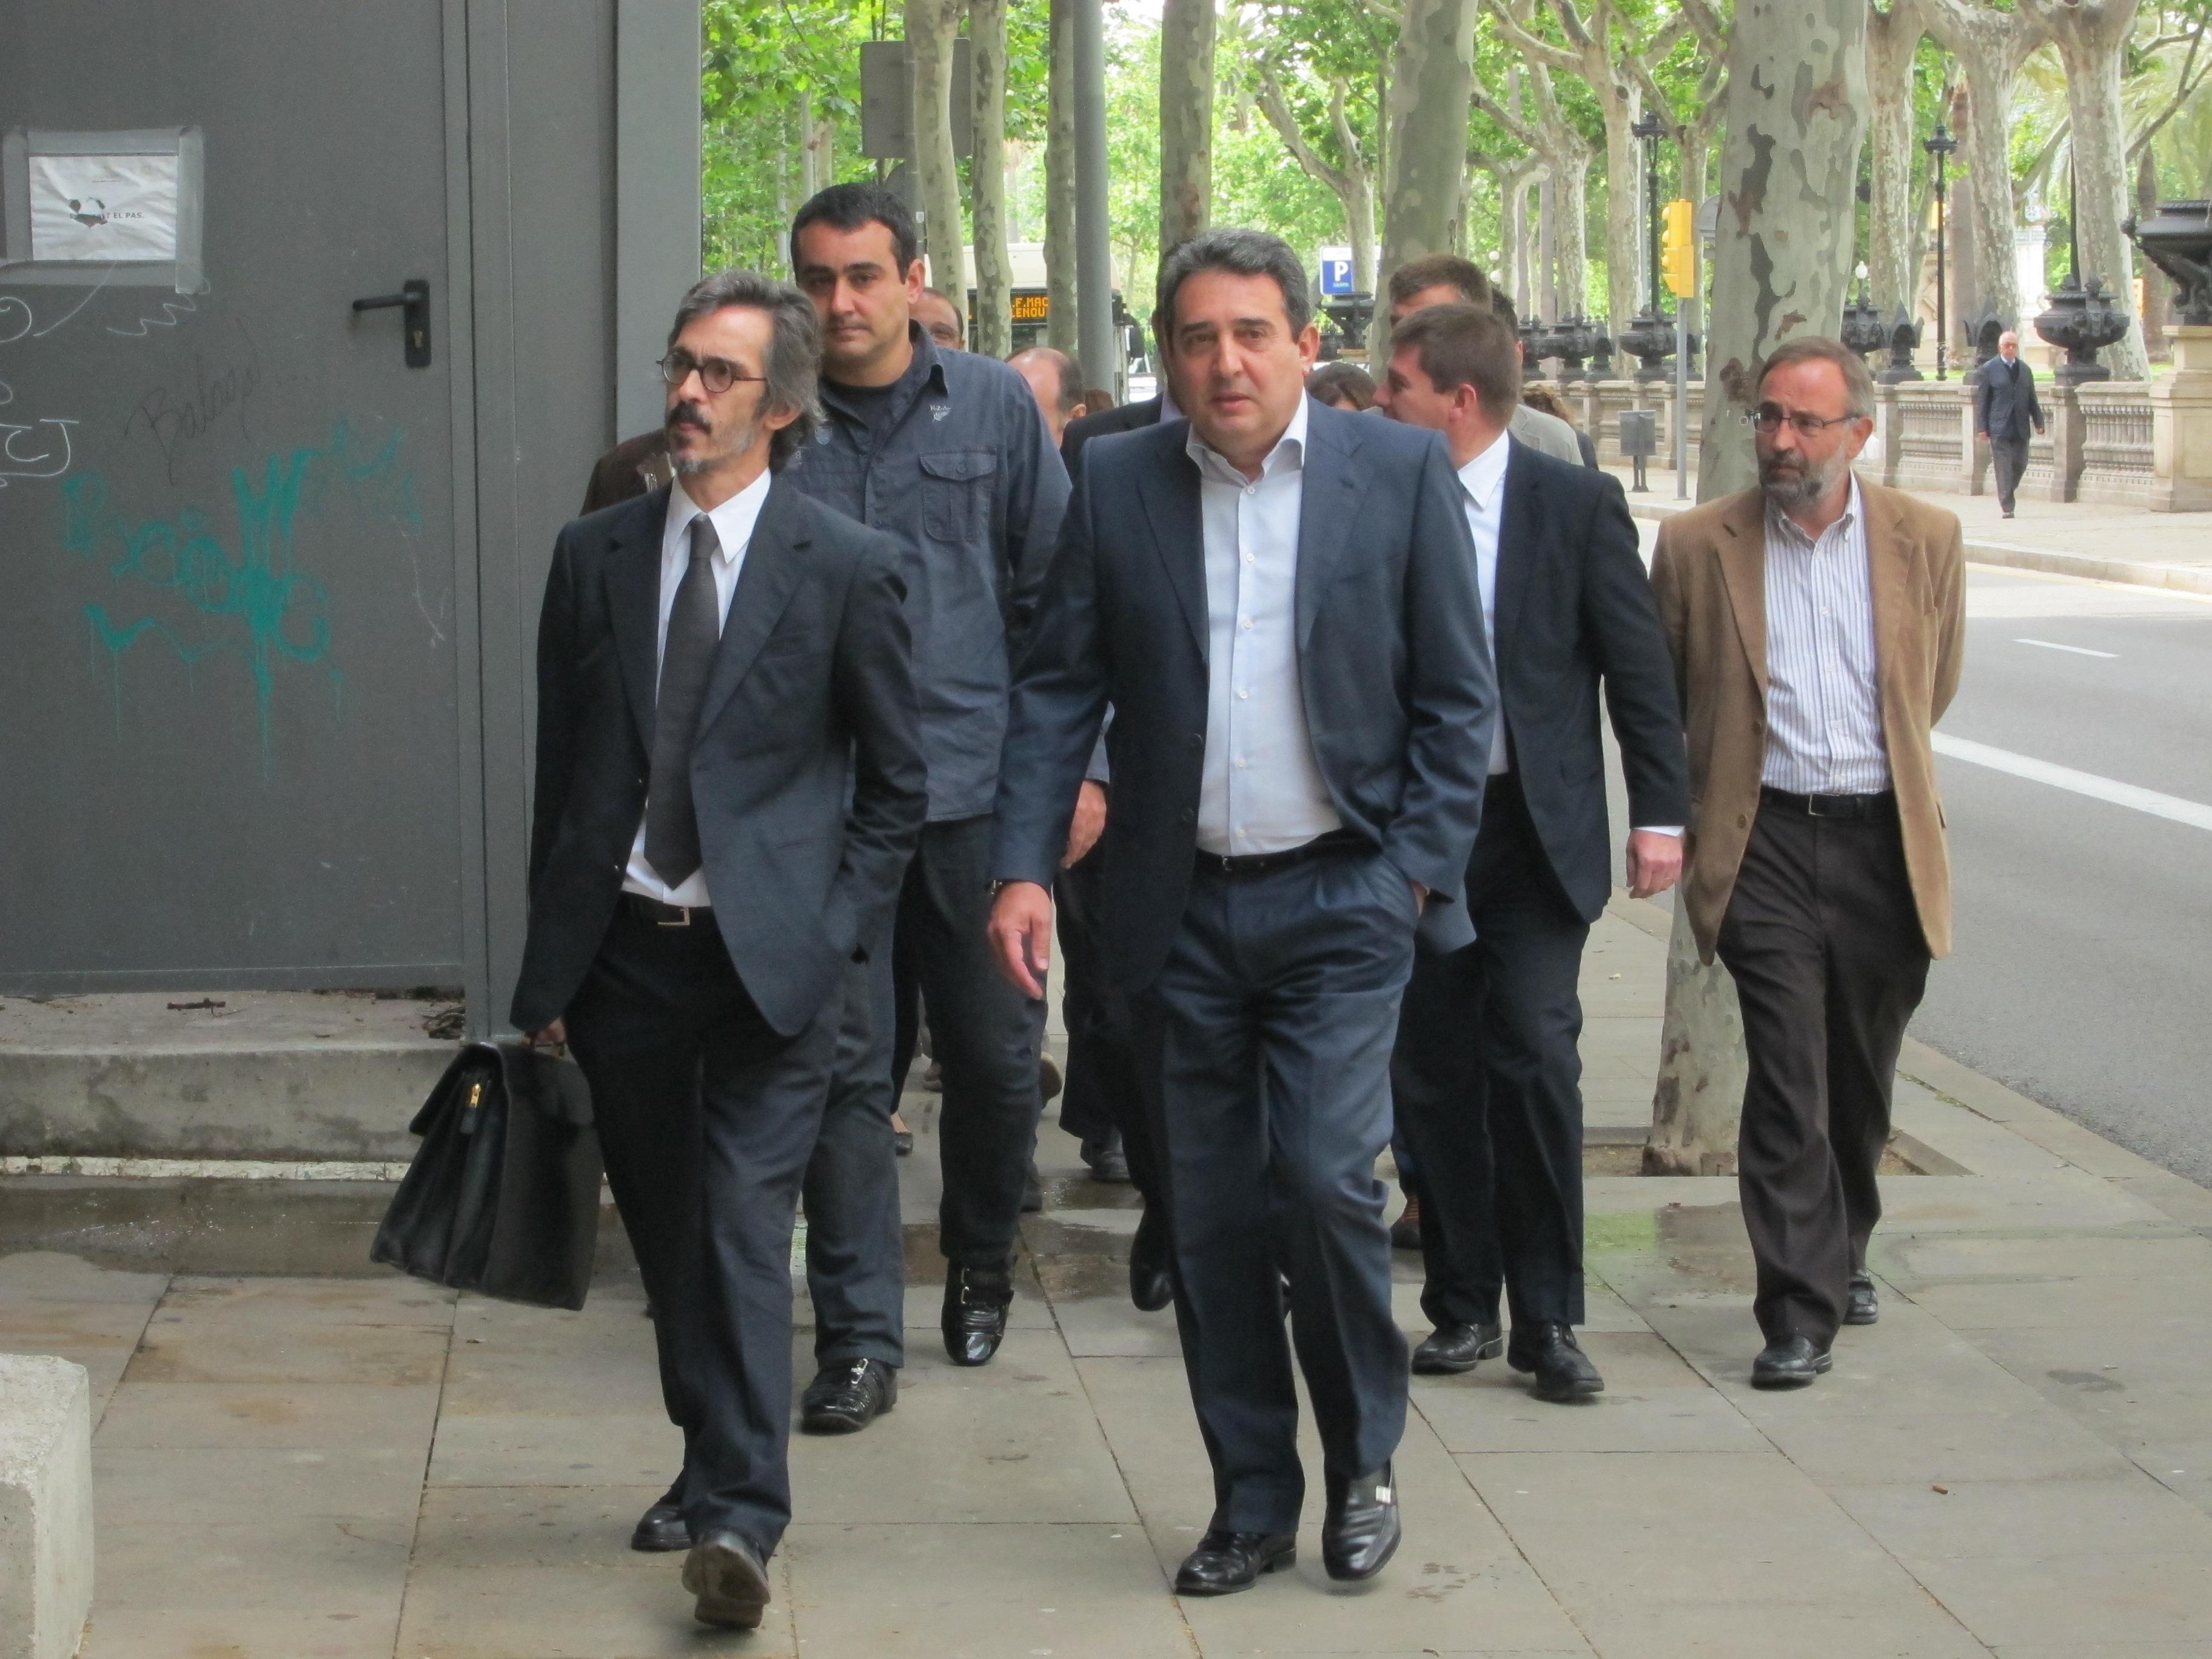 Los hermanos Bustos llegan a declarar al TSJC arropados por el equipo de gobierno de Sabadell